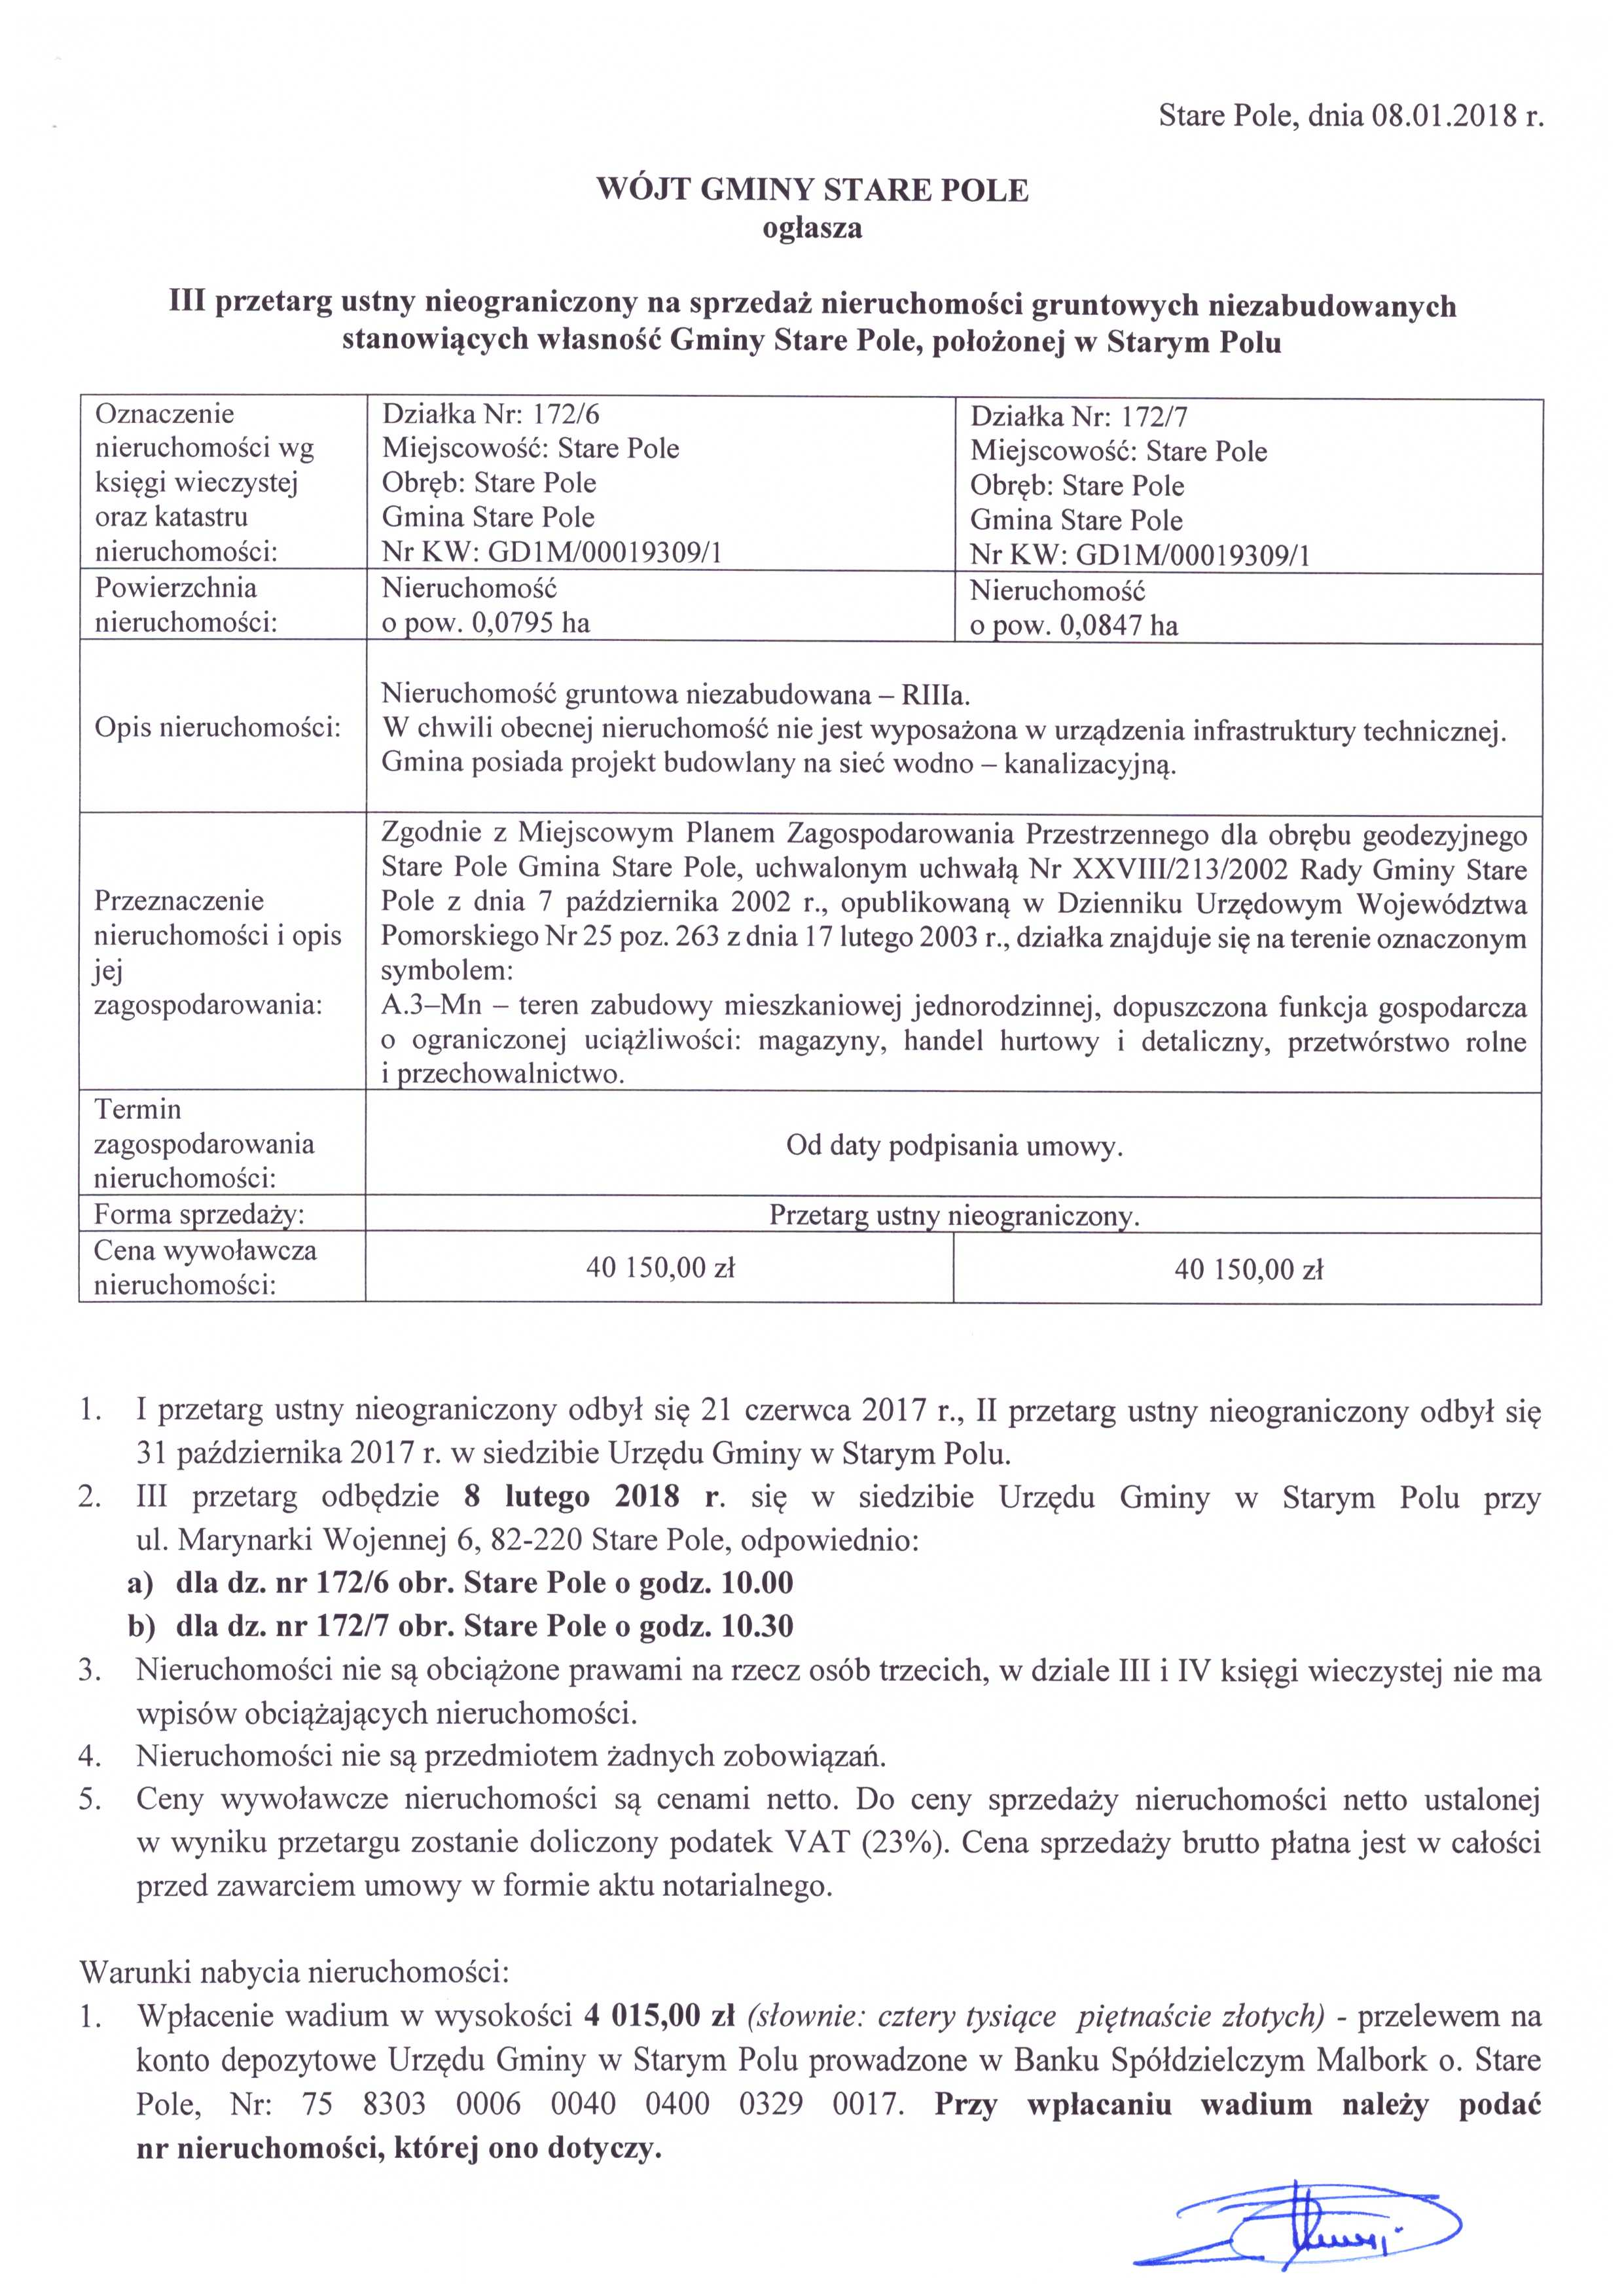 Ogłoszenie z dnia 8 stycznia 2018 r. o III przetargu ustnym nieograniczonym na sprzedaż nieruchomości - str. 1